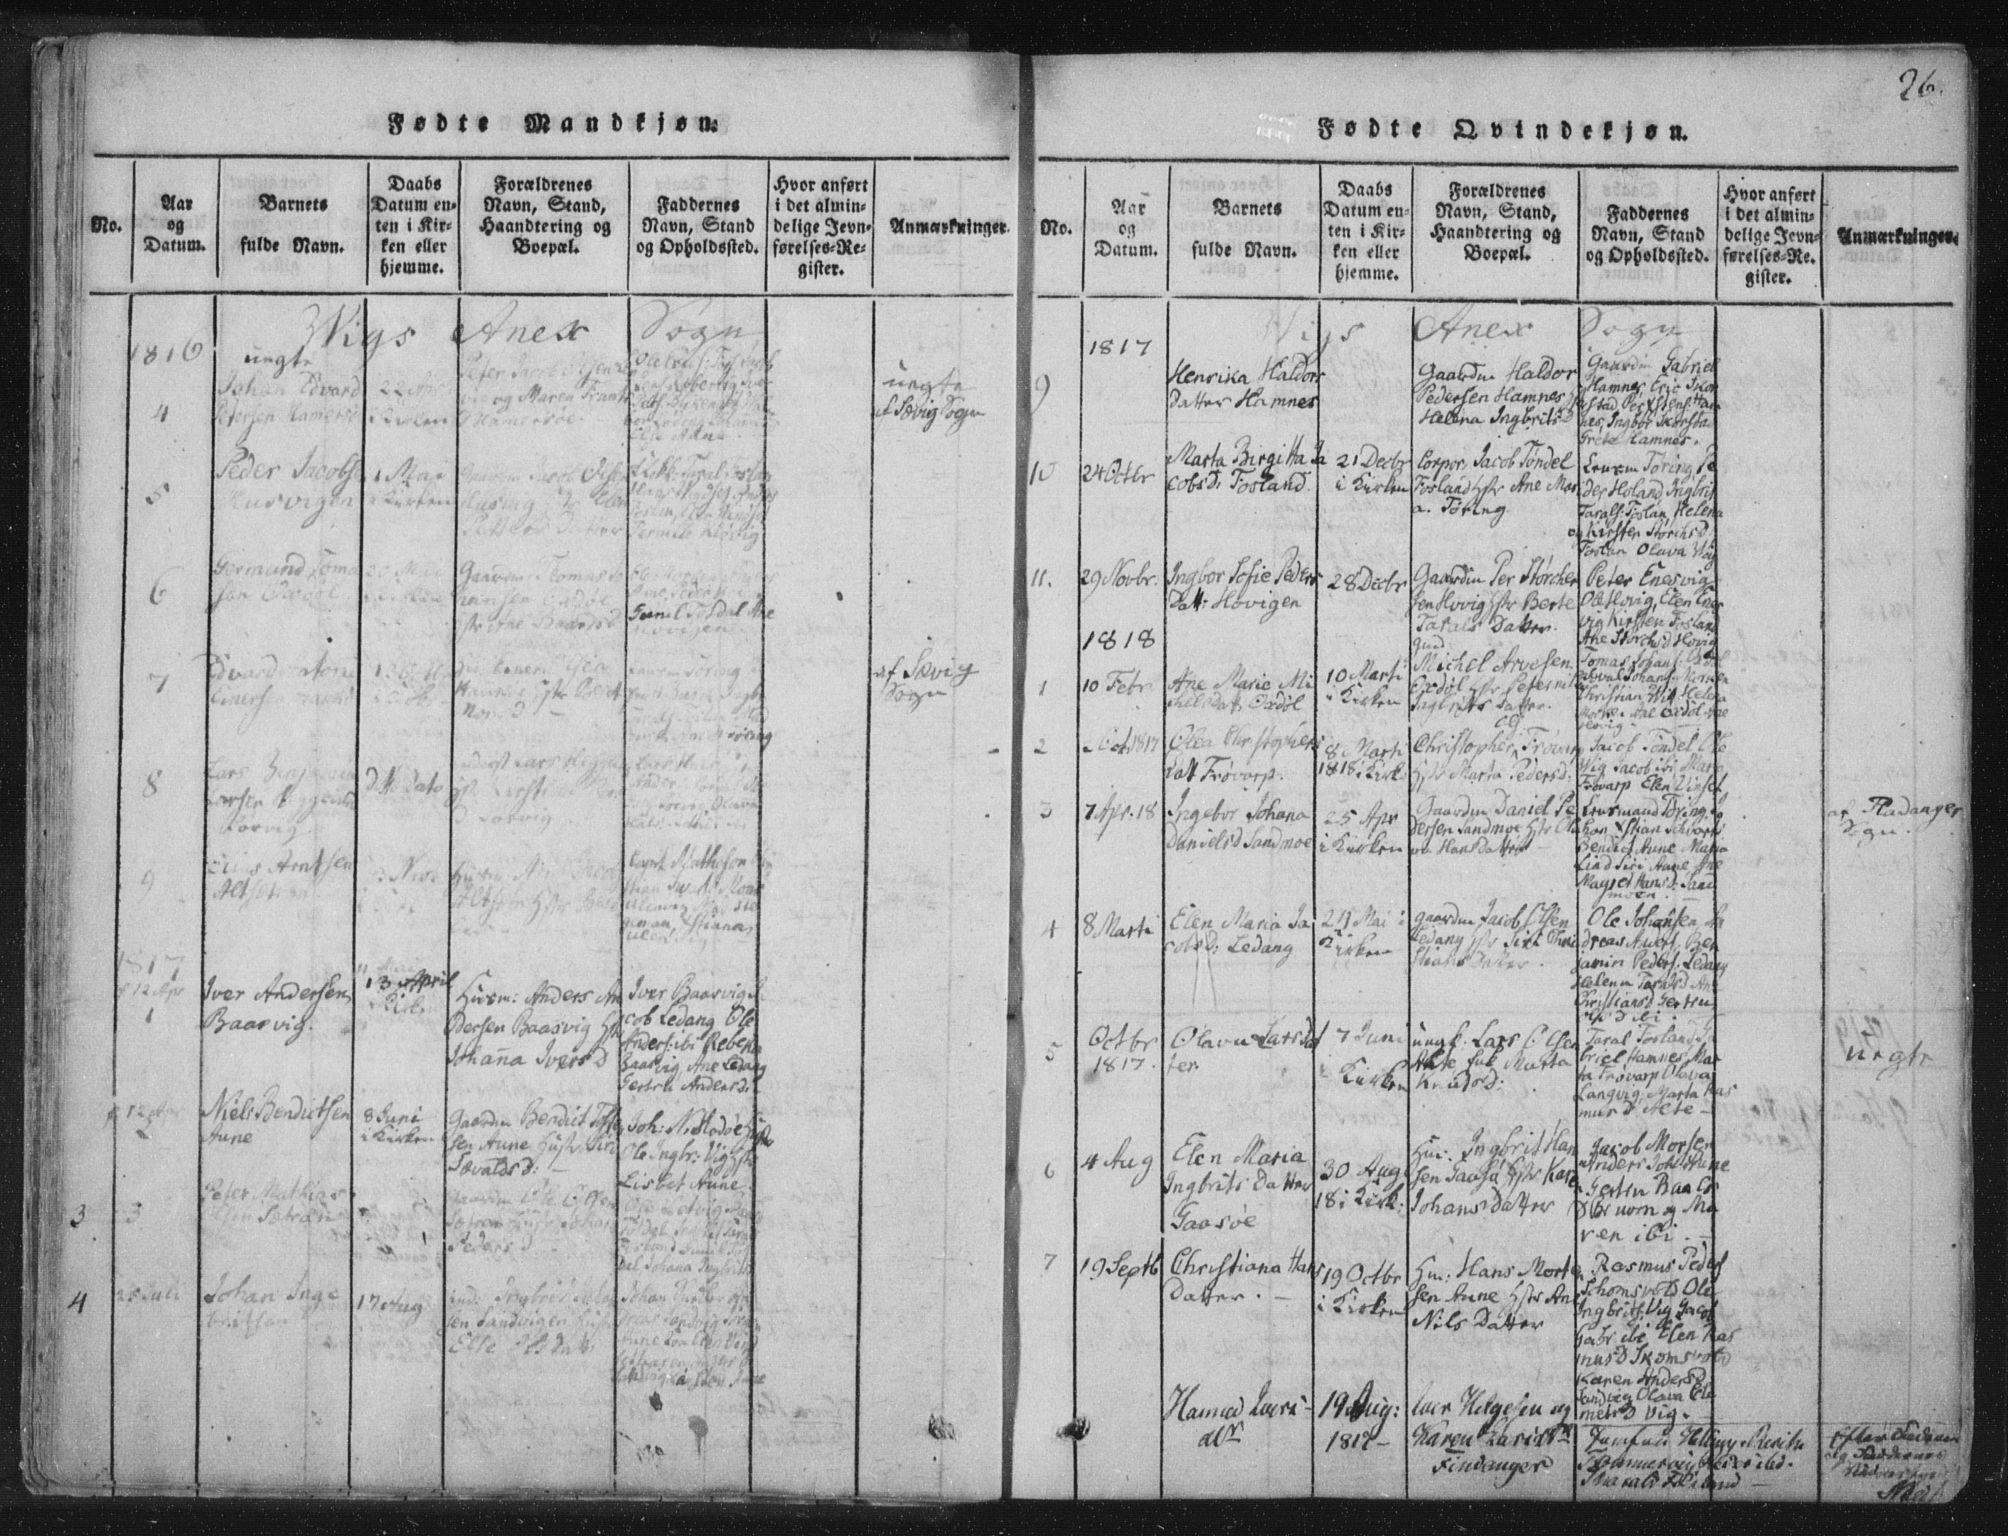 SAT, Ministerialprotokoller, klokkerbøker og fødselsregistre - Nord-Trøndelag, 773/L0609: Ministerialbok nr. 773A03 /2, 1815-1830, s. 26